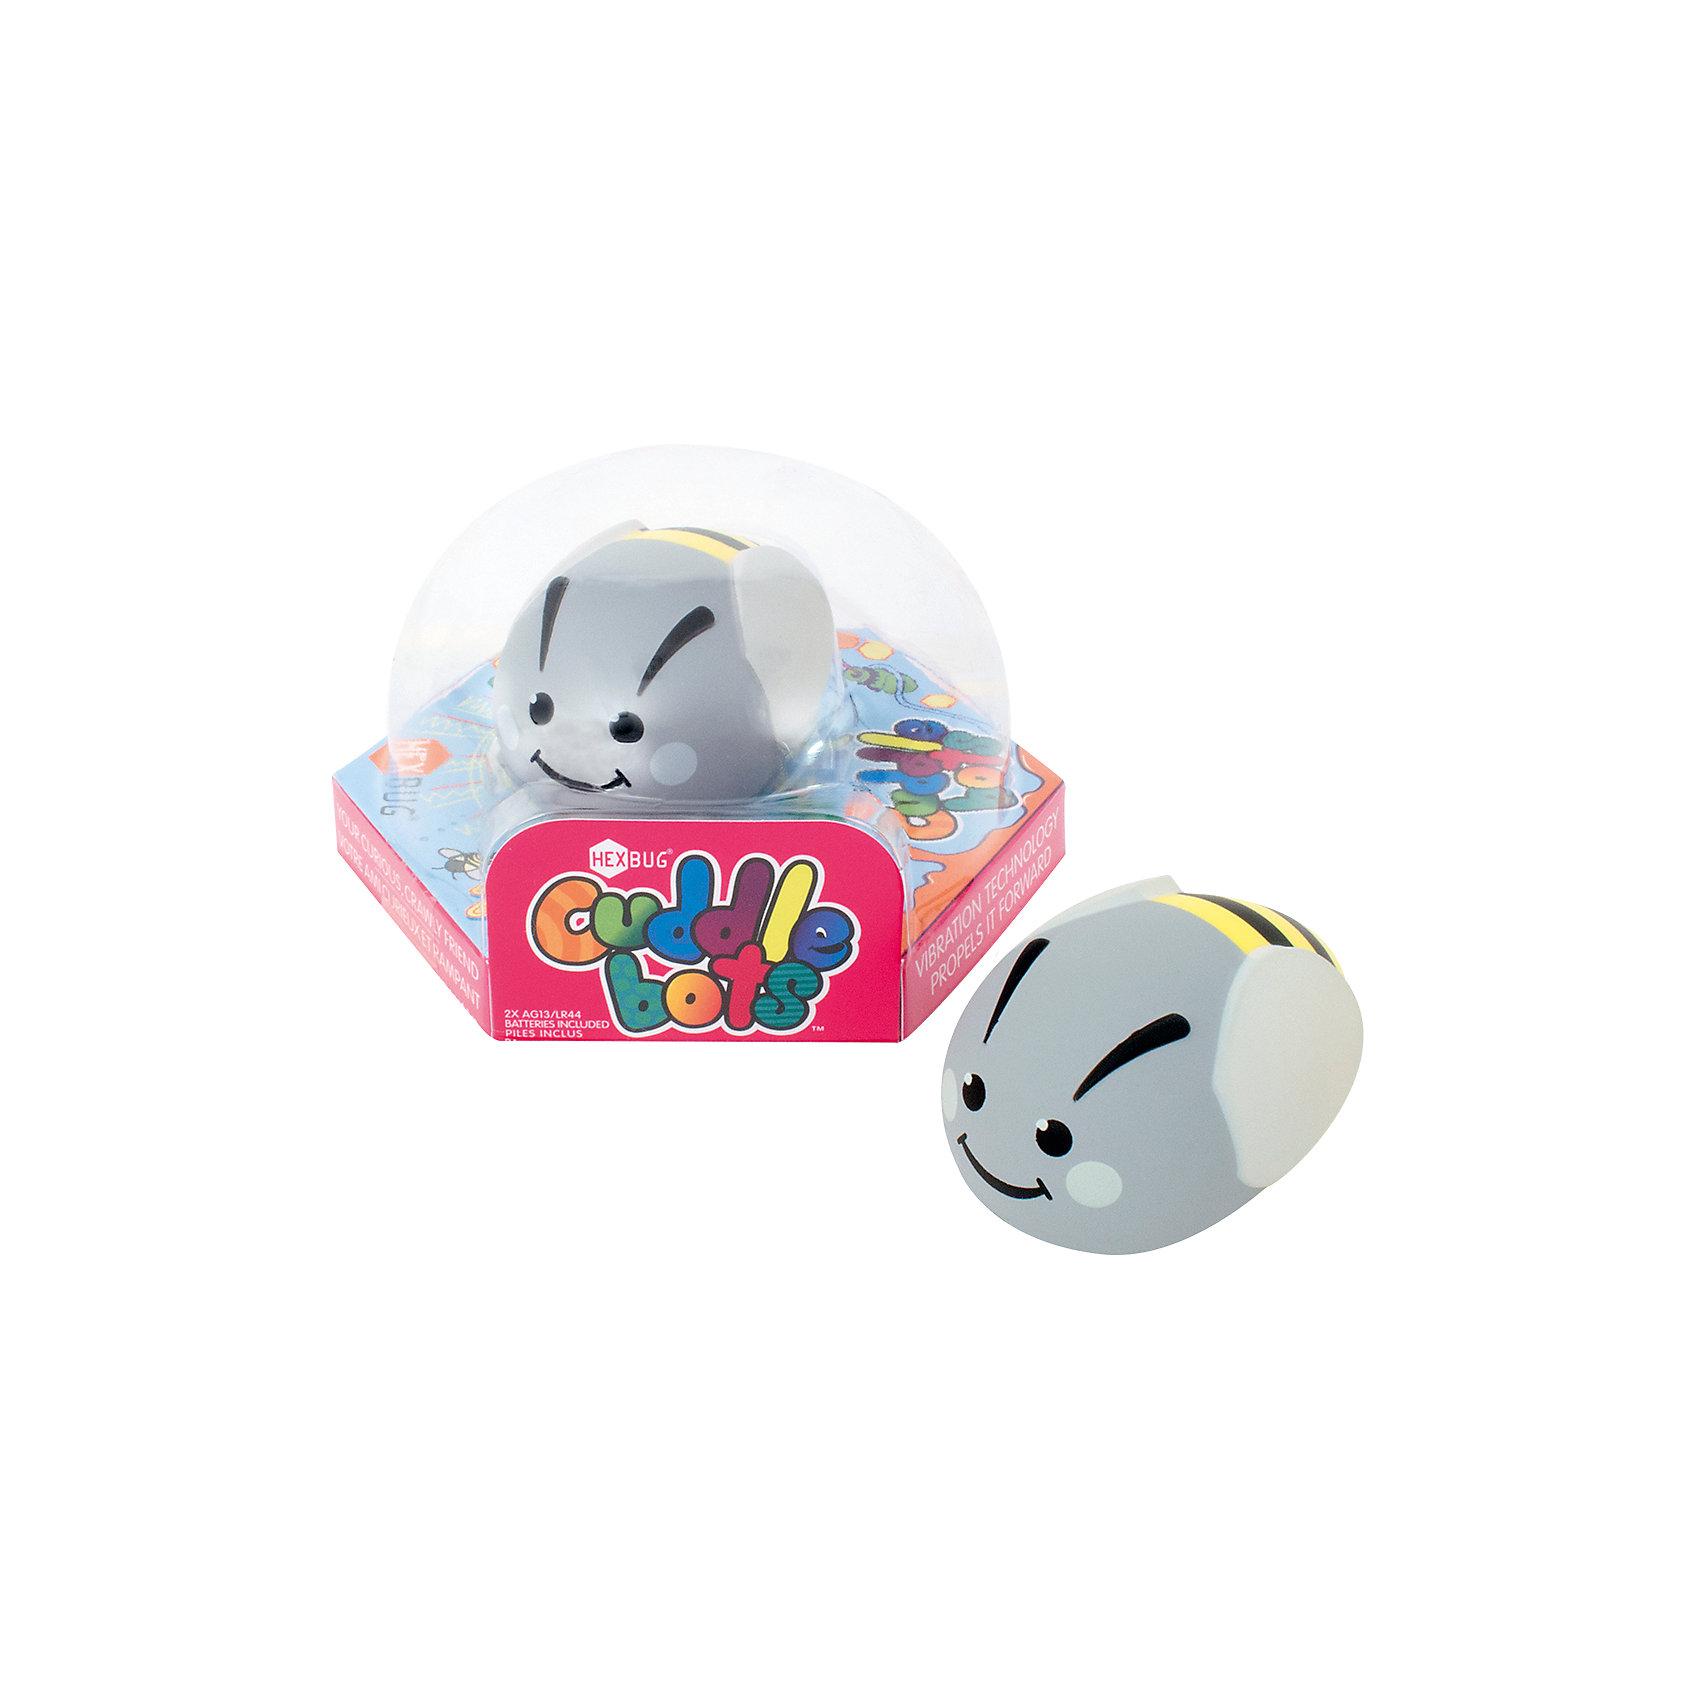 Микро-робот CuddleBot, серый, HexbugИнтерактивные игрушки для малышей<br>Микро-робот CuddleBot, серый, Hexbug (Хексбаг)<br><br>Характеристики:<br><br>• мягкий и приятный<br>• безопасен для ребенка<br>• материал: пластик<br>• размер упаковки: 14х14х7 см<br>• вес: 60 грамм<br><br>CuddleBot - забавный микроробот от Hexbug. Он очень милый, веселый и приятный на ощупь. Игрушка полностью безопасна даже для малышей, поэтому вы смело можете доверить ей развлечения ребенка. <br><br>Микро-робота CuddleBot, серый, Hexbug (Хексбаг) можно купить в нашем интернет-магазине.<br><br>Ширина мм: 70<br>Глубина мм: 120<br>Высота мм: 110<br>Вес г: 63<br>Возраст от месяцев: 36<br>Возраст до месяцев: 2147483647<br>Пол: Унисекс<br>Возраст: Детский<br>SKU: 5506937